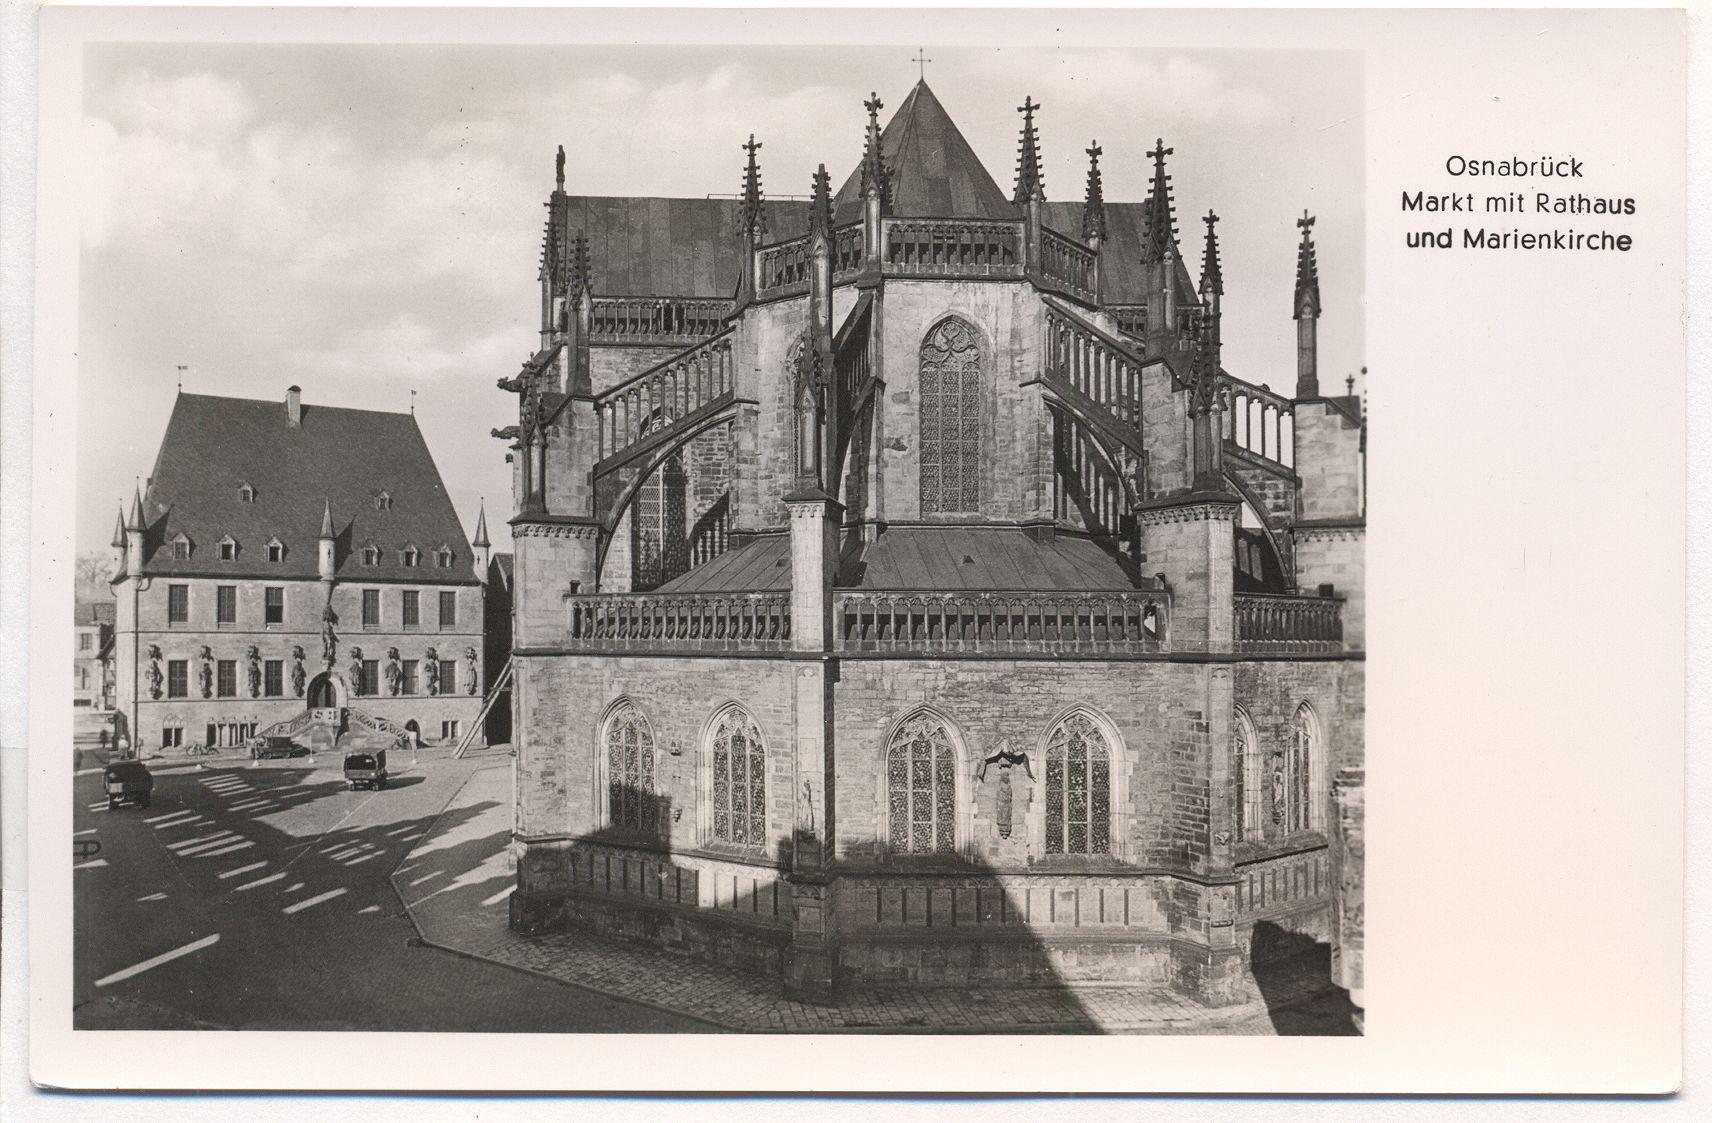 ak foto osnabr ck markt rathaus marienkirche ansichtskarte markt kaufen. Black Bedroom Furniture Sets. Home Design Ideas